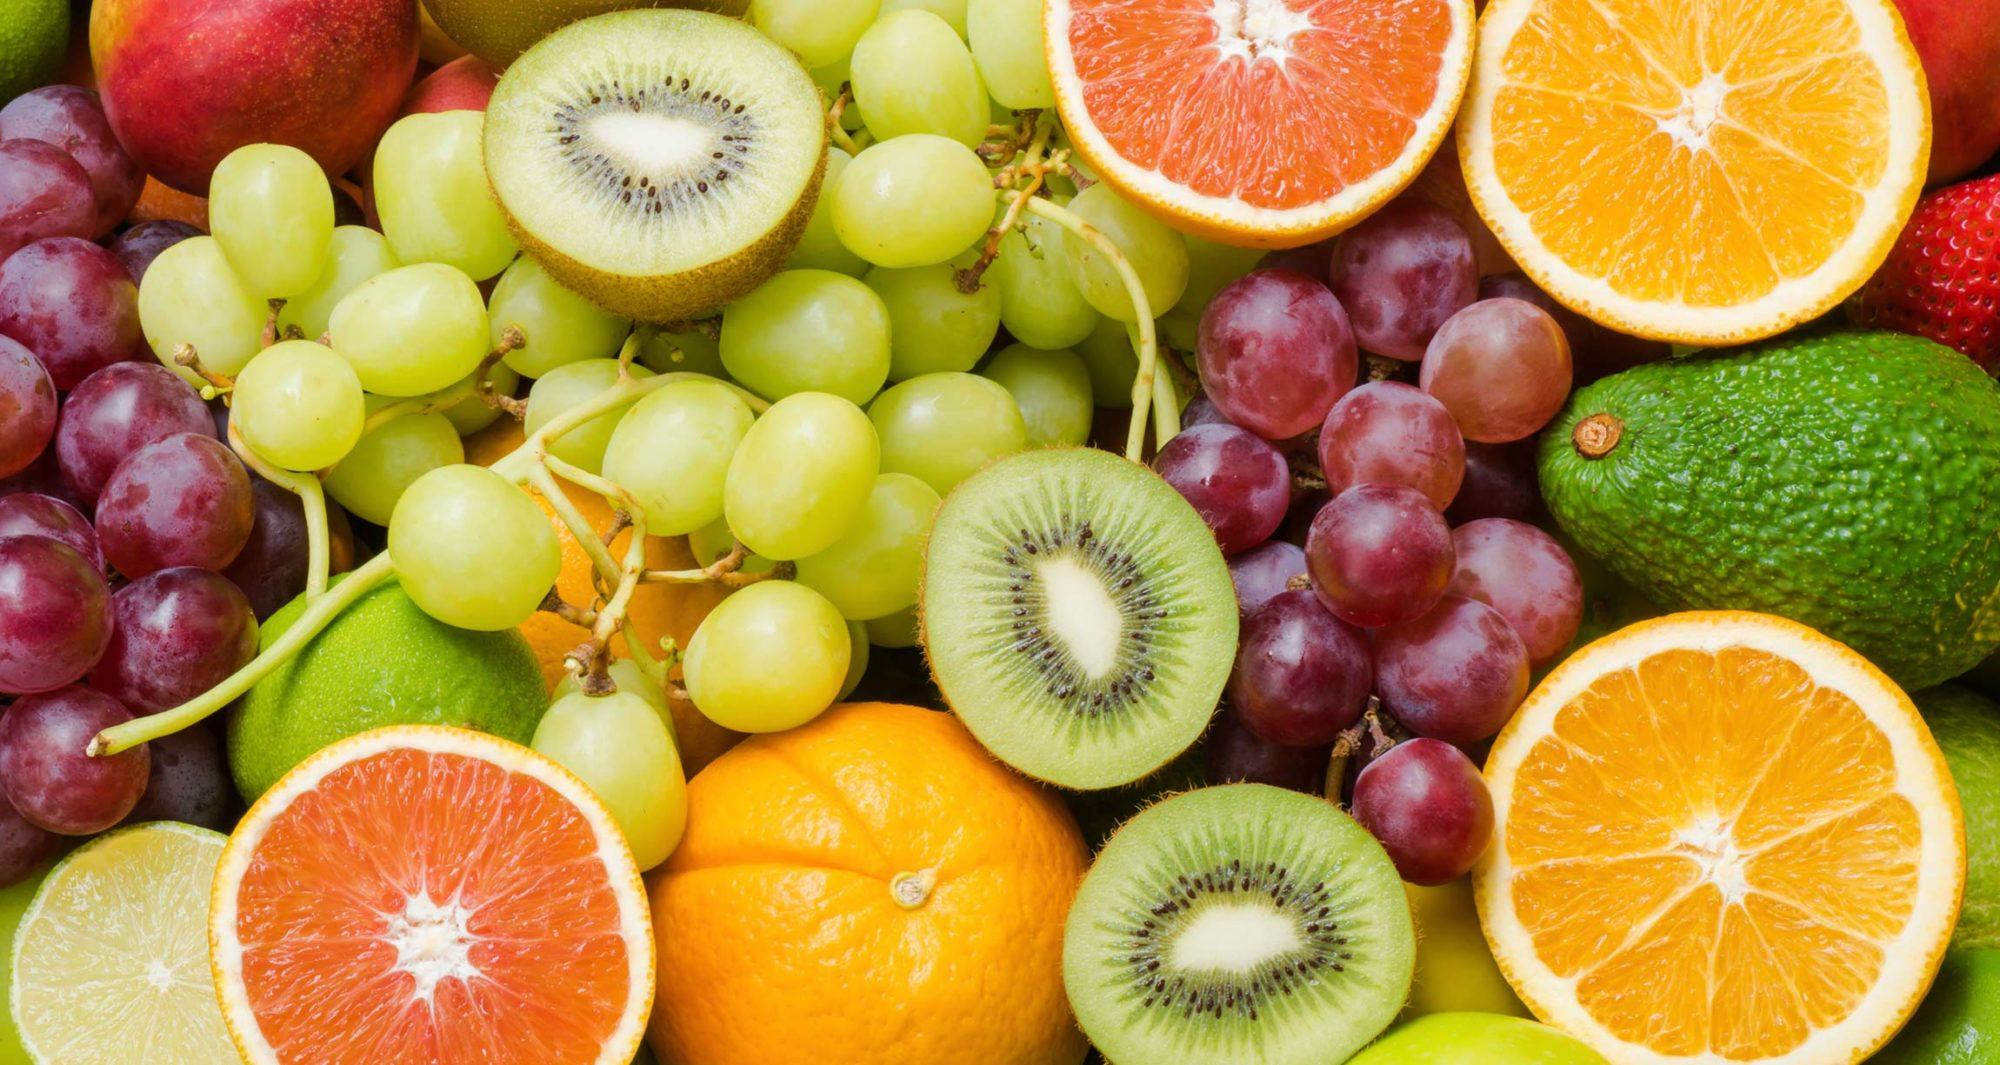 badanie owoców i warzyw oraz przetworów